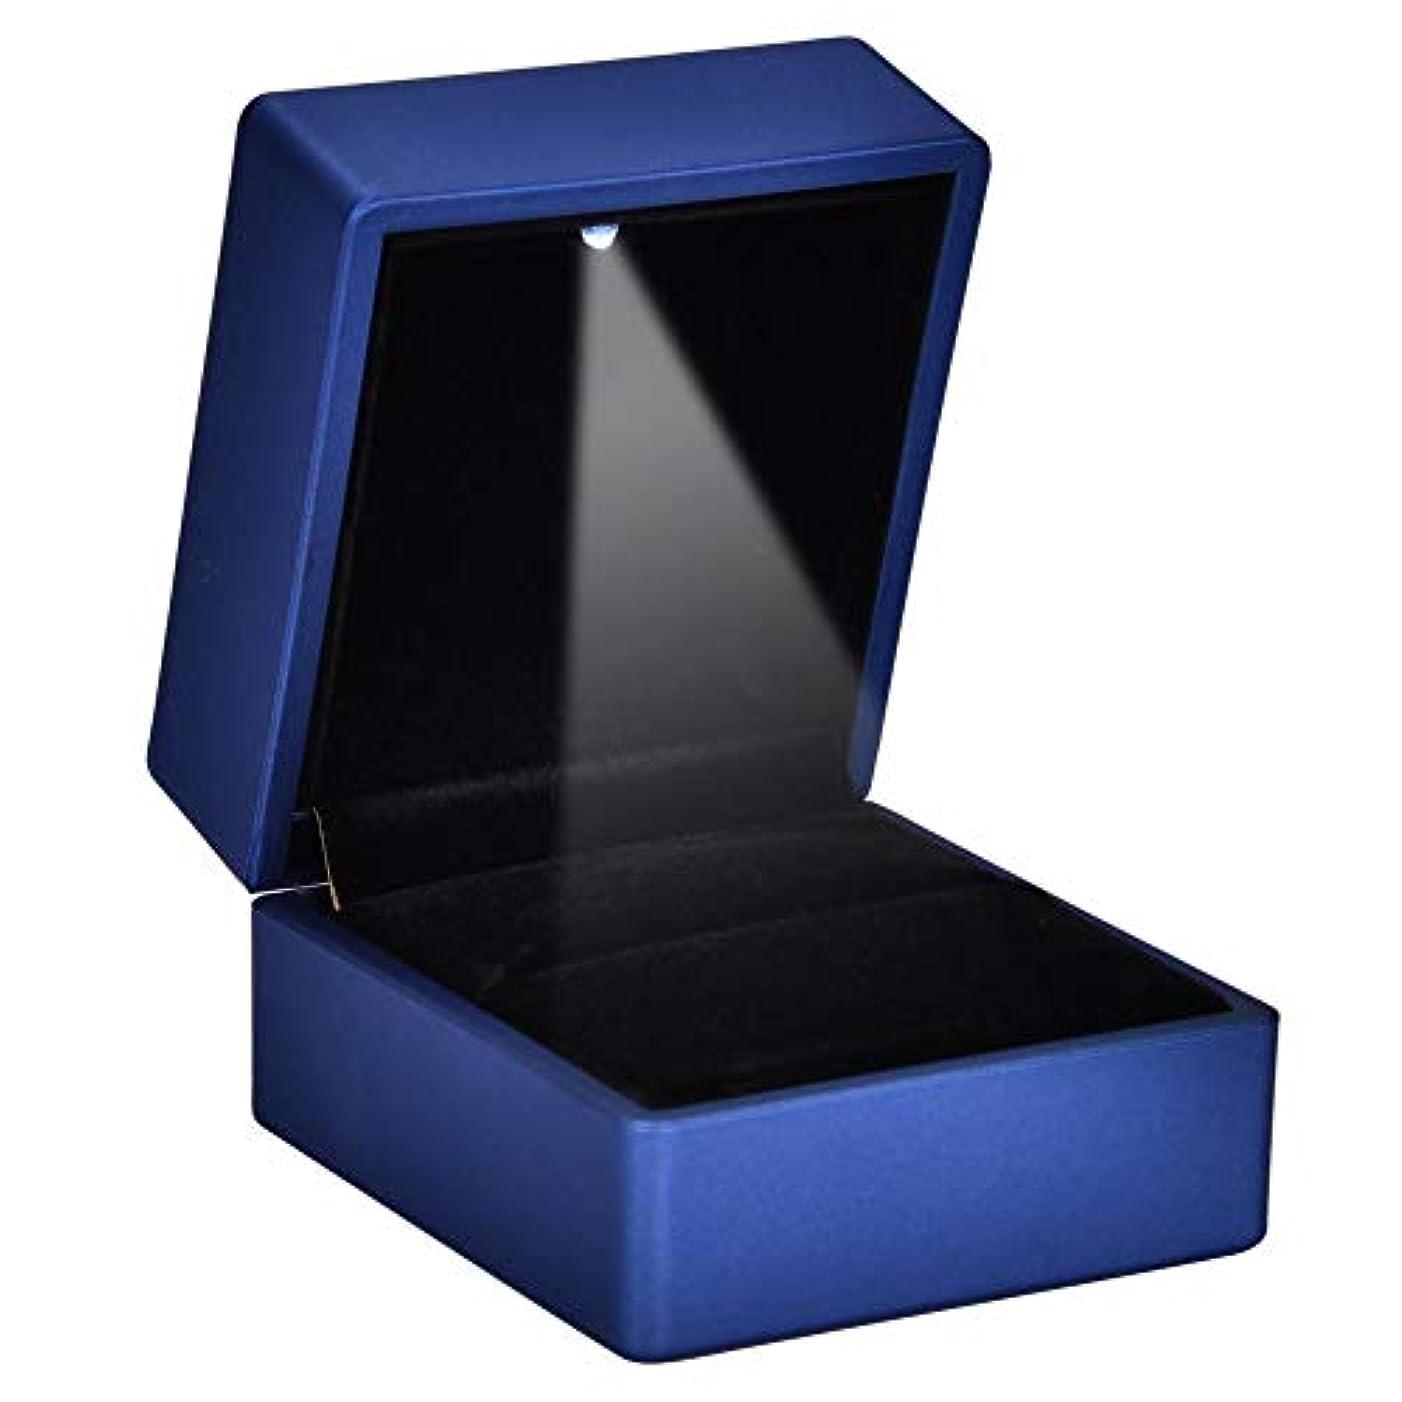 ノミネート帳面格差2種類ファッショナブルなLEDリングボックス - 内部LED照明付きリングケース、ジュエリーホルダーリング収納ケース、結婚式の提案(ブルー-90 * 70 * 35)